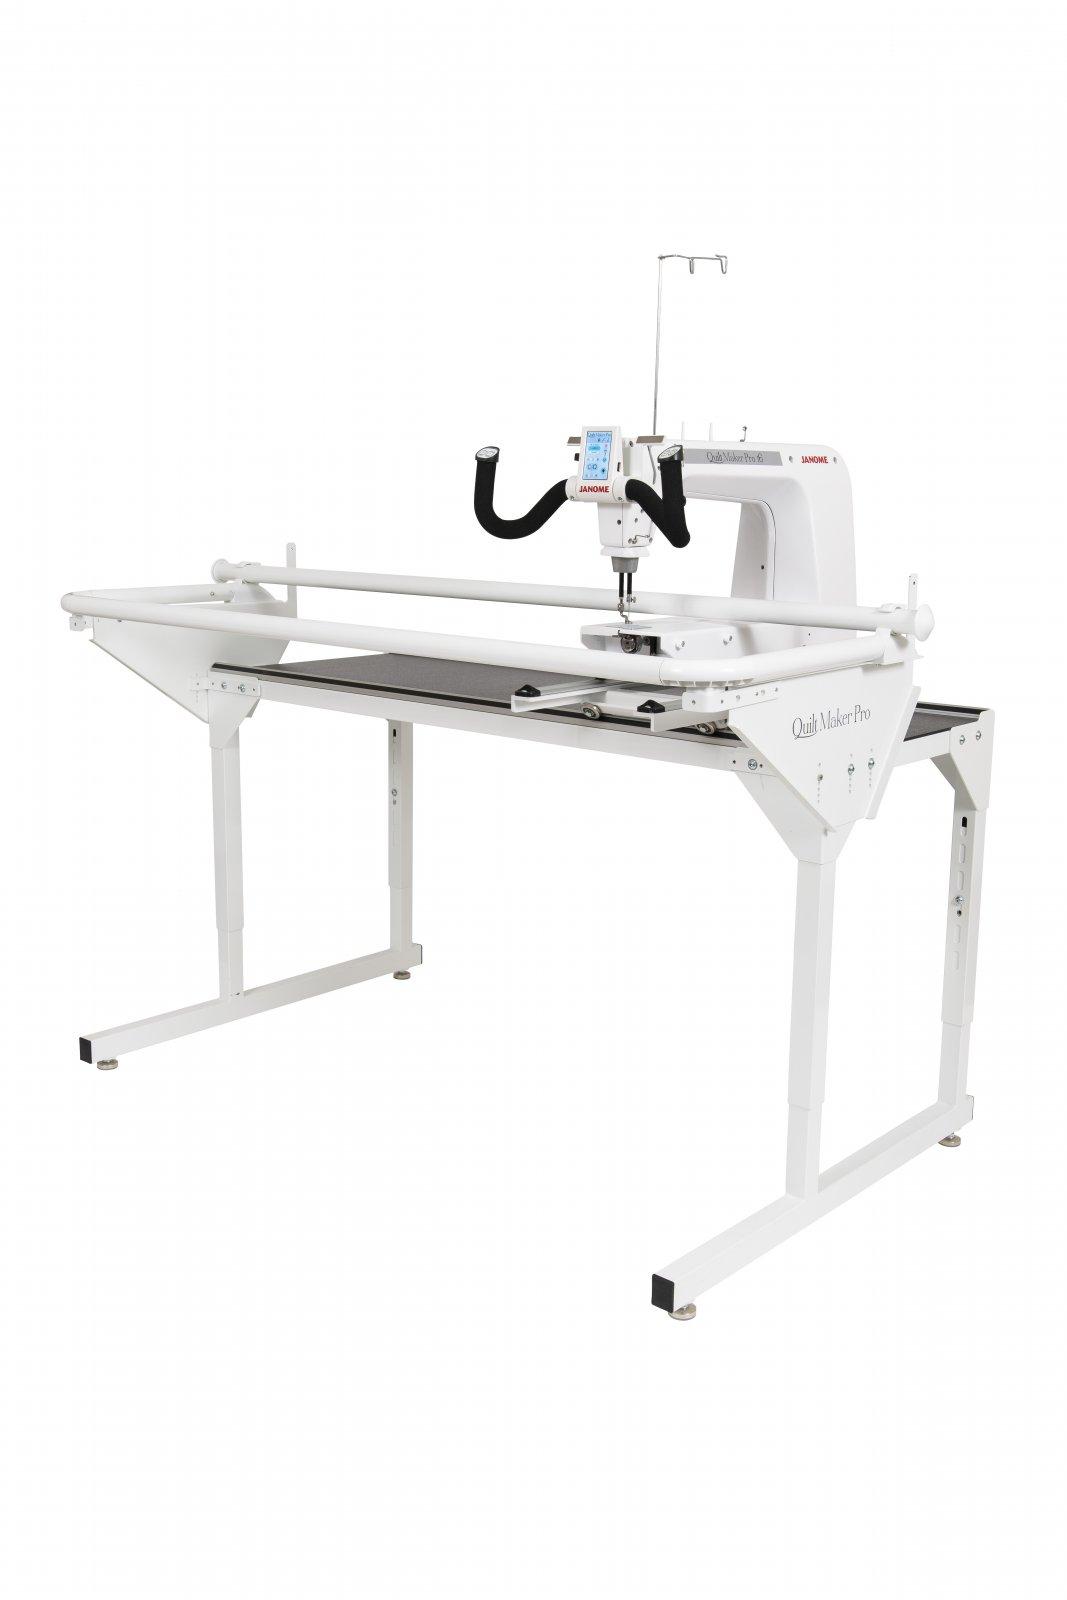 Quilt Maker Pro 16 Long Arm